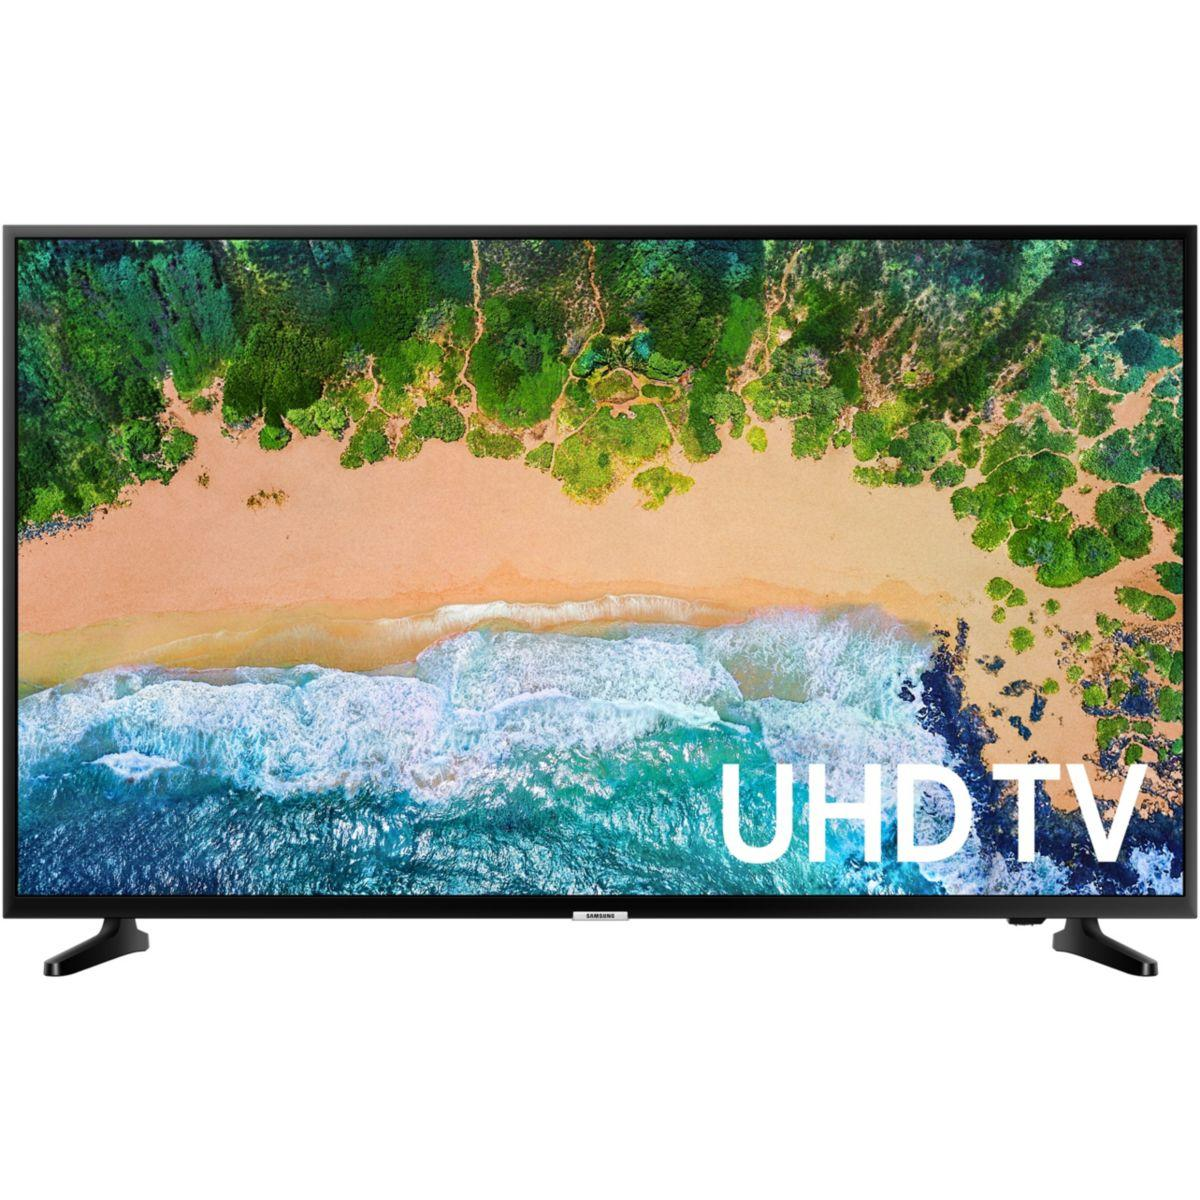 Tv led samsung ue55nu7025 - 2% de remise imm�diate avec le code : deal2